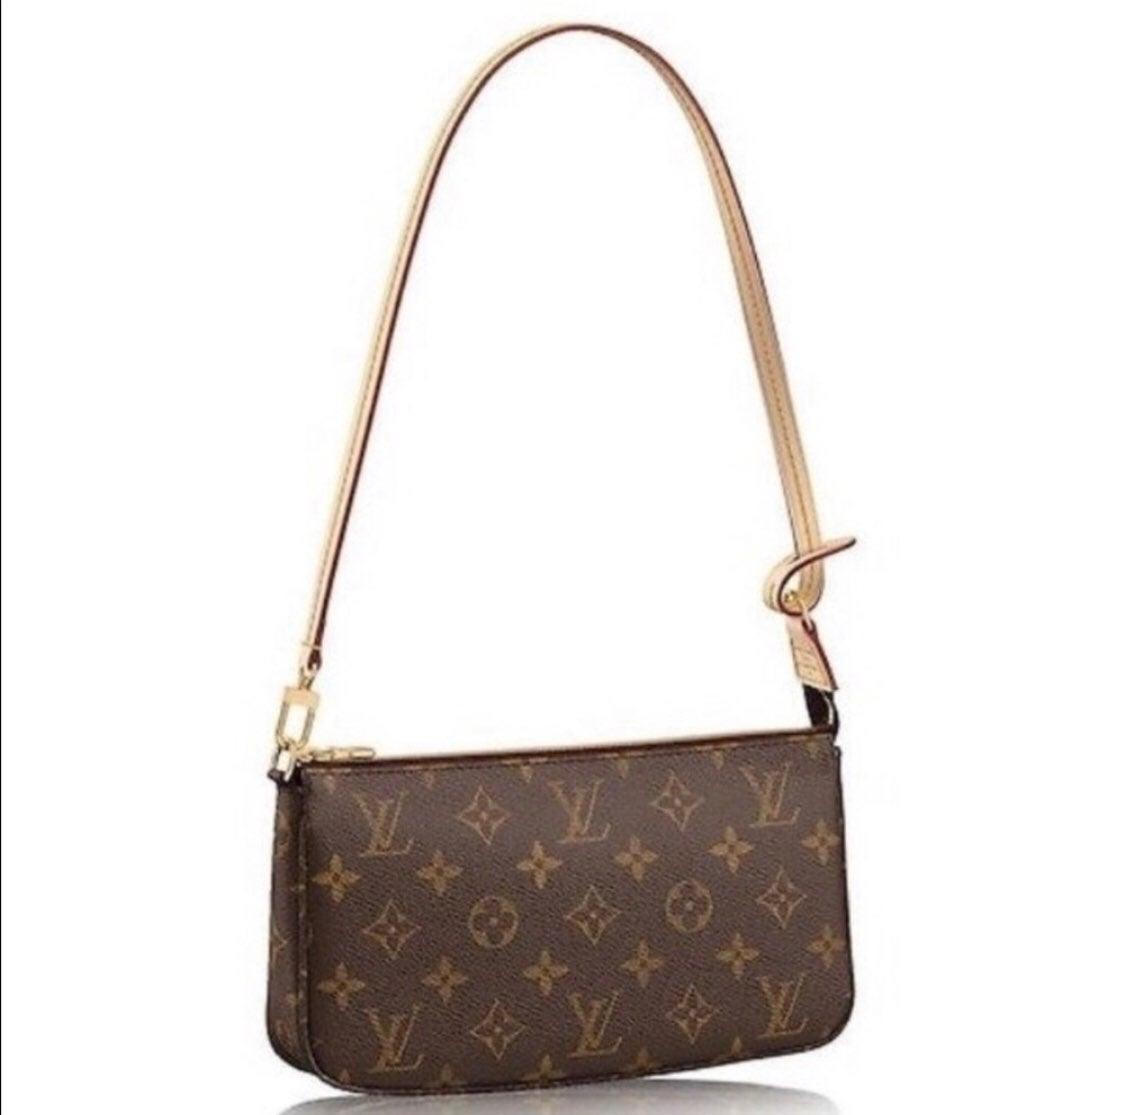 BNIB Louis Vuitton Pochette Accessoires